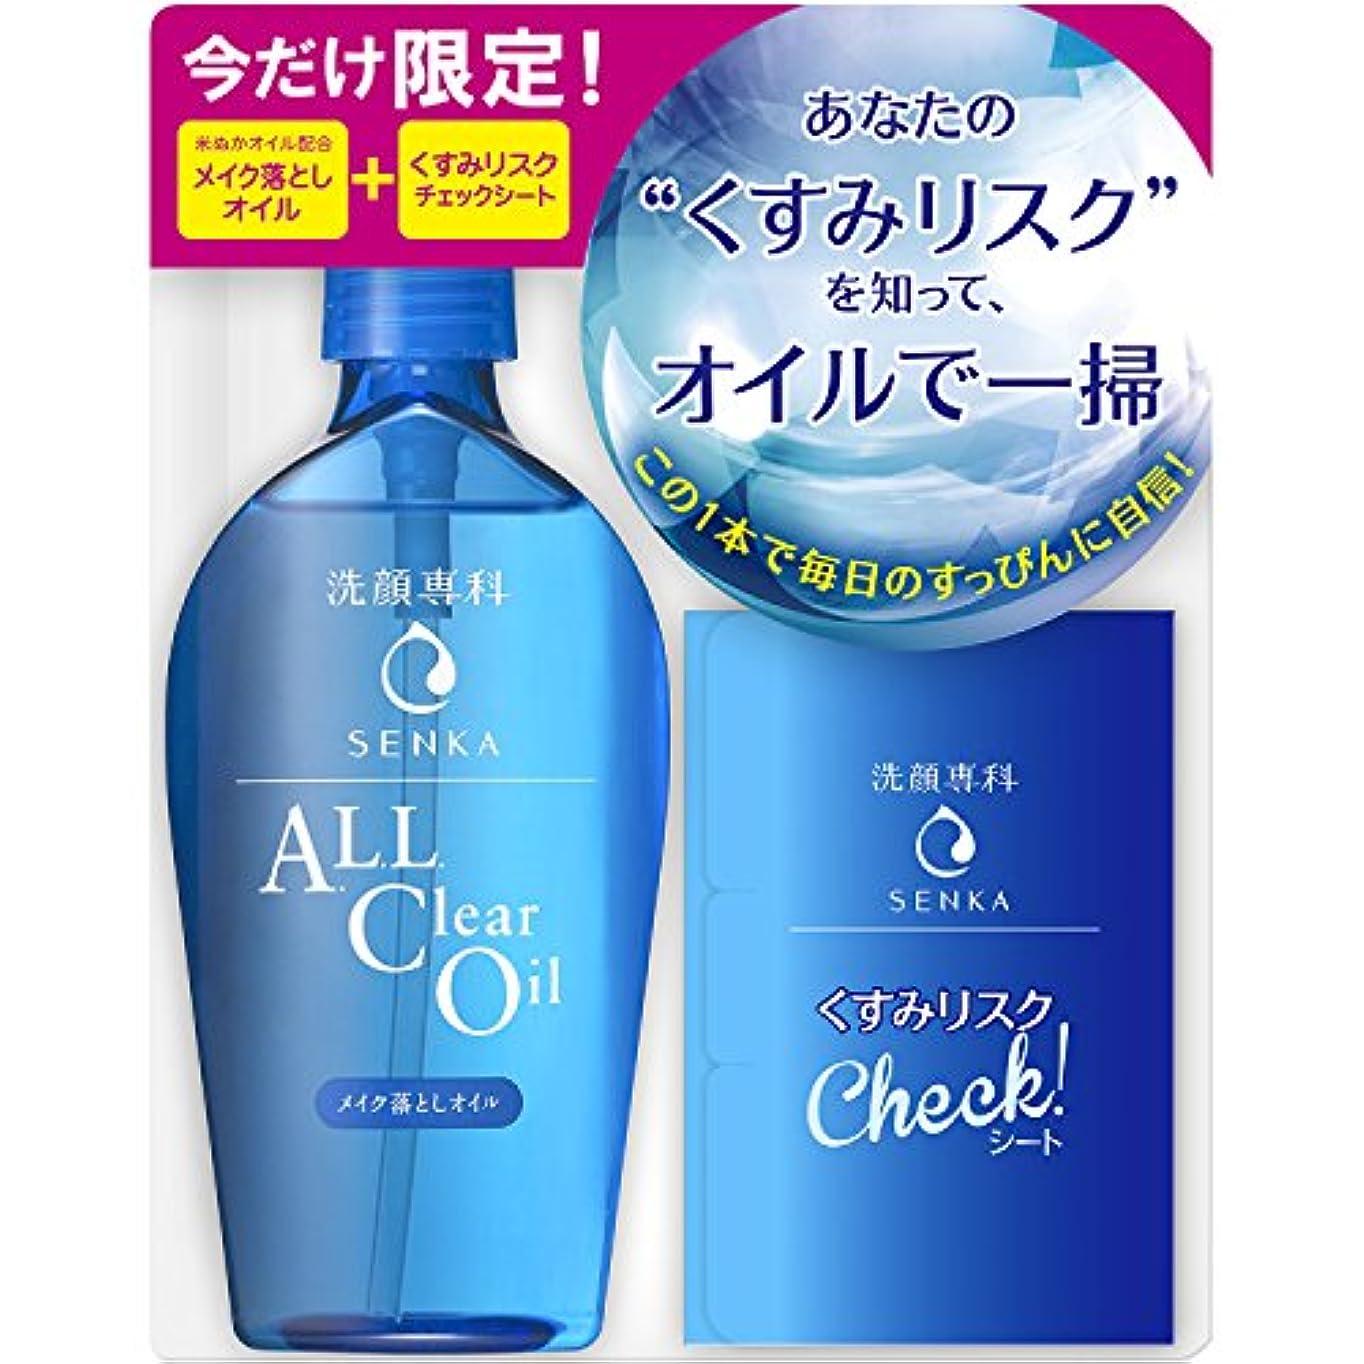 センチメンタル頭痛チェスをする洗顔専科 オールクリアオイル くすみチェックシート付き